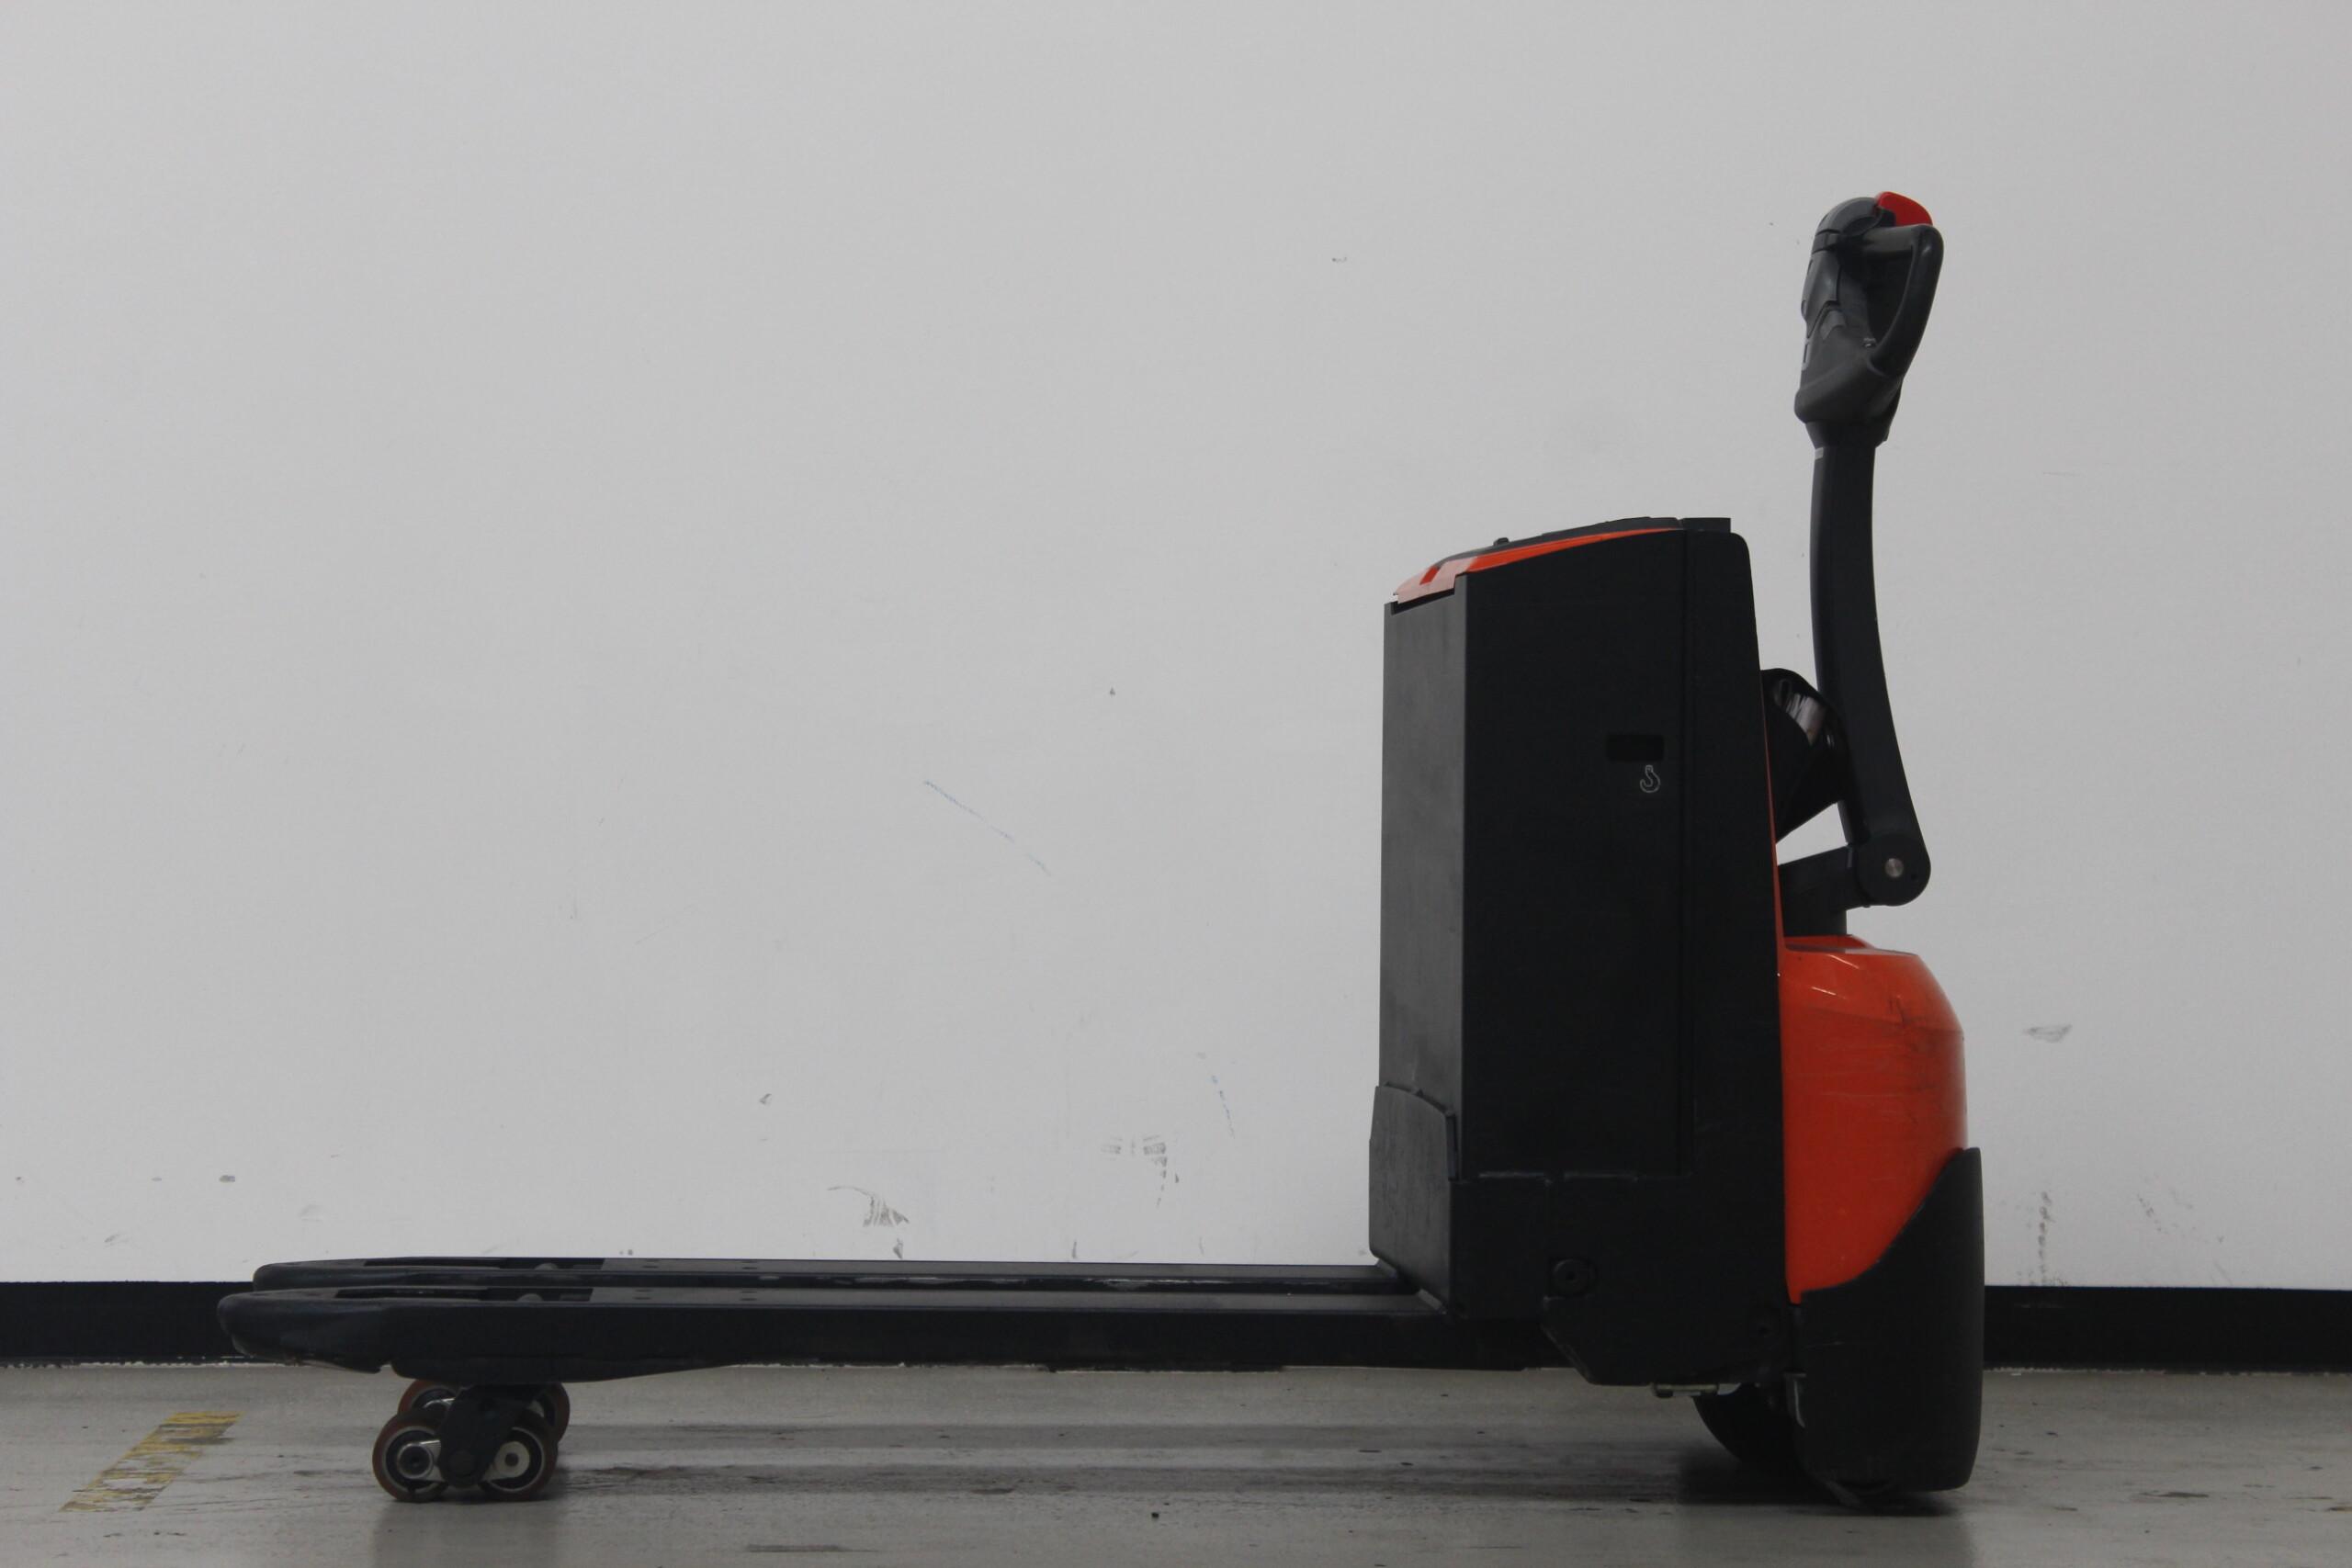 Toyota-Gabelstapler-59840 1810020980 1 75 scaled